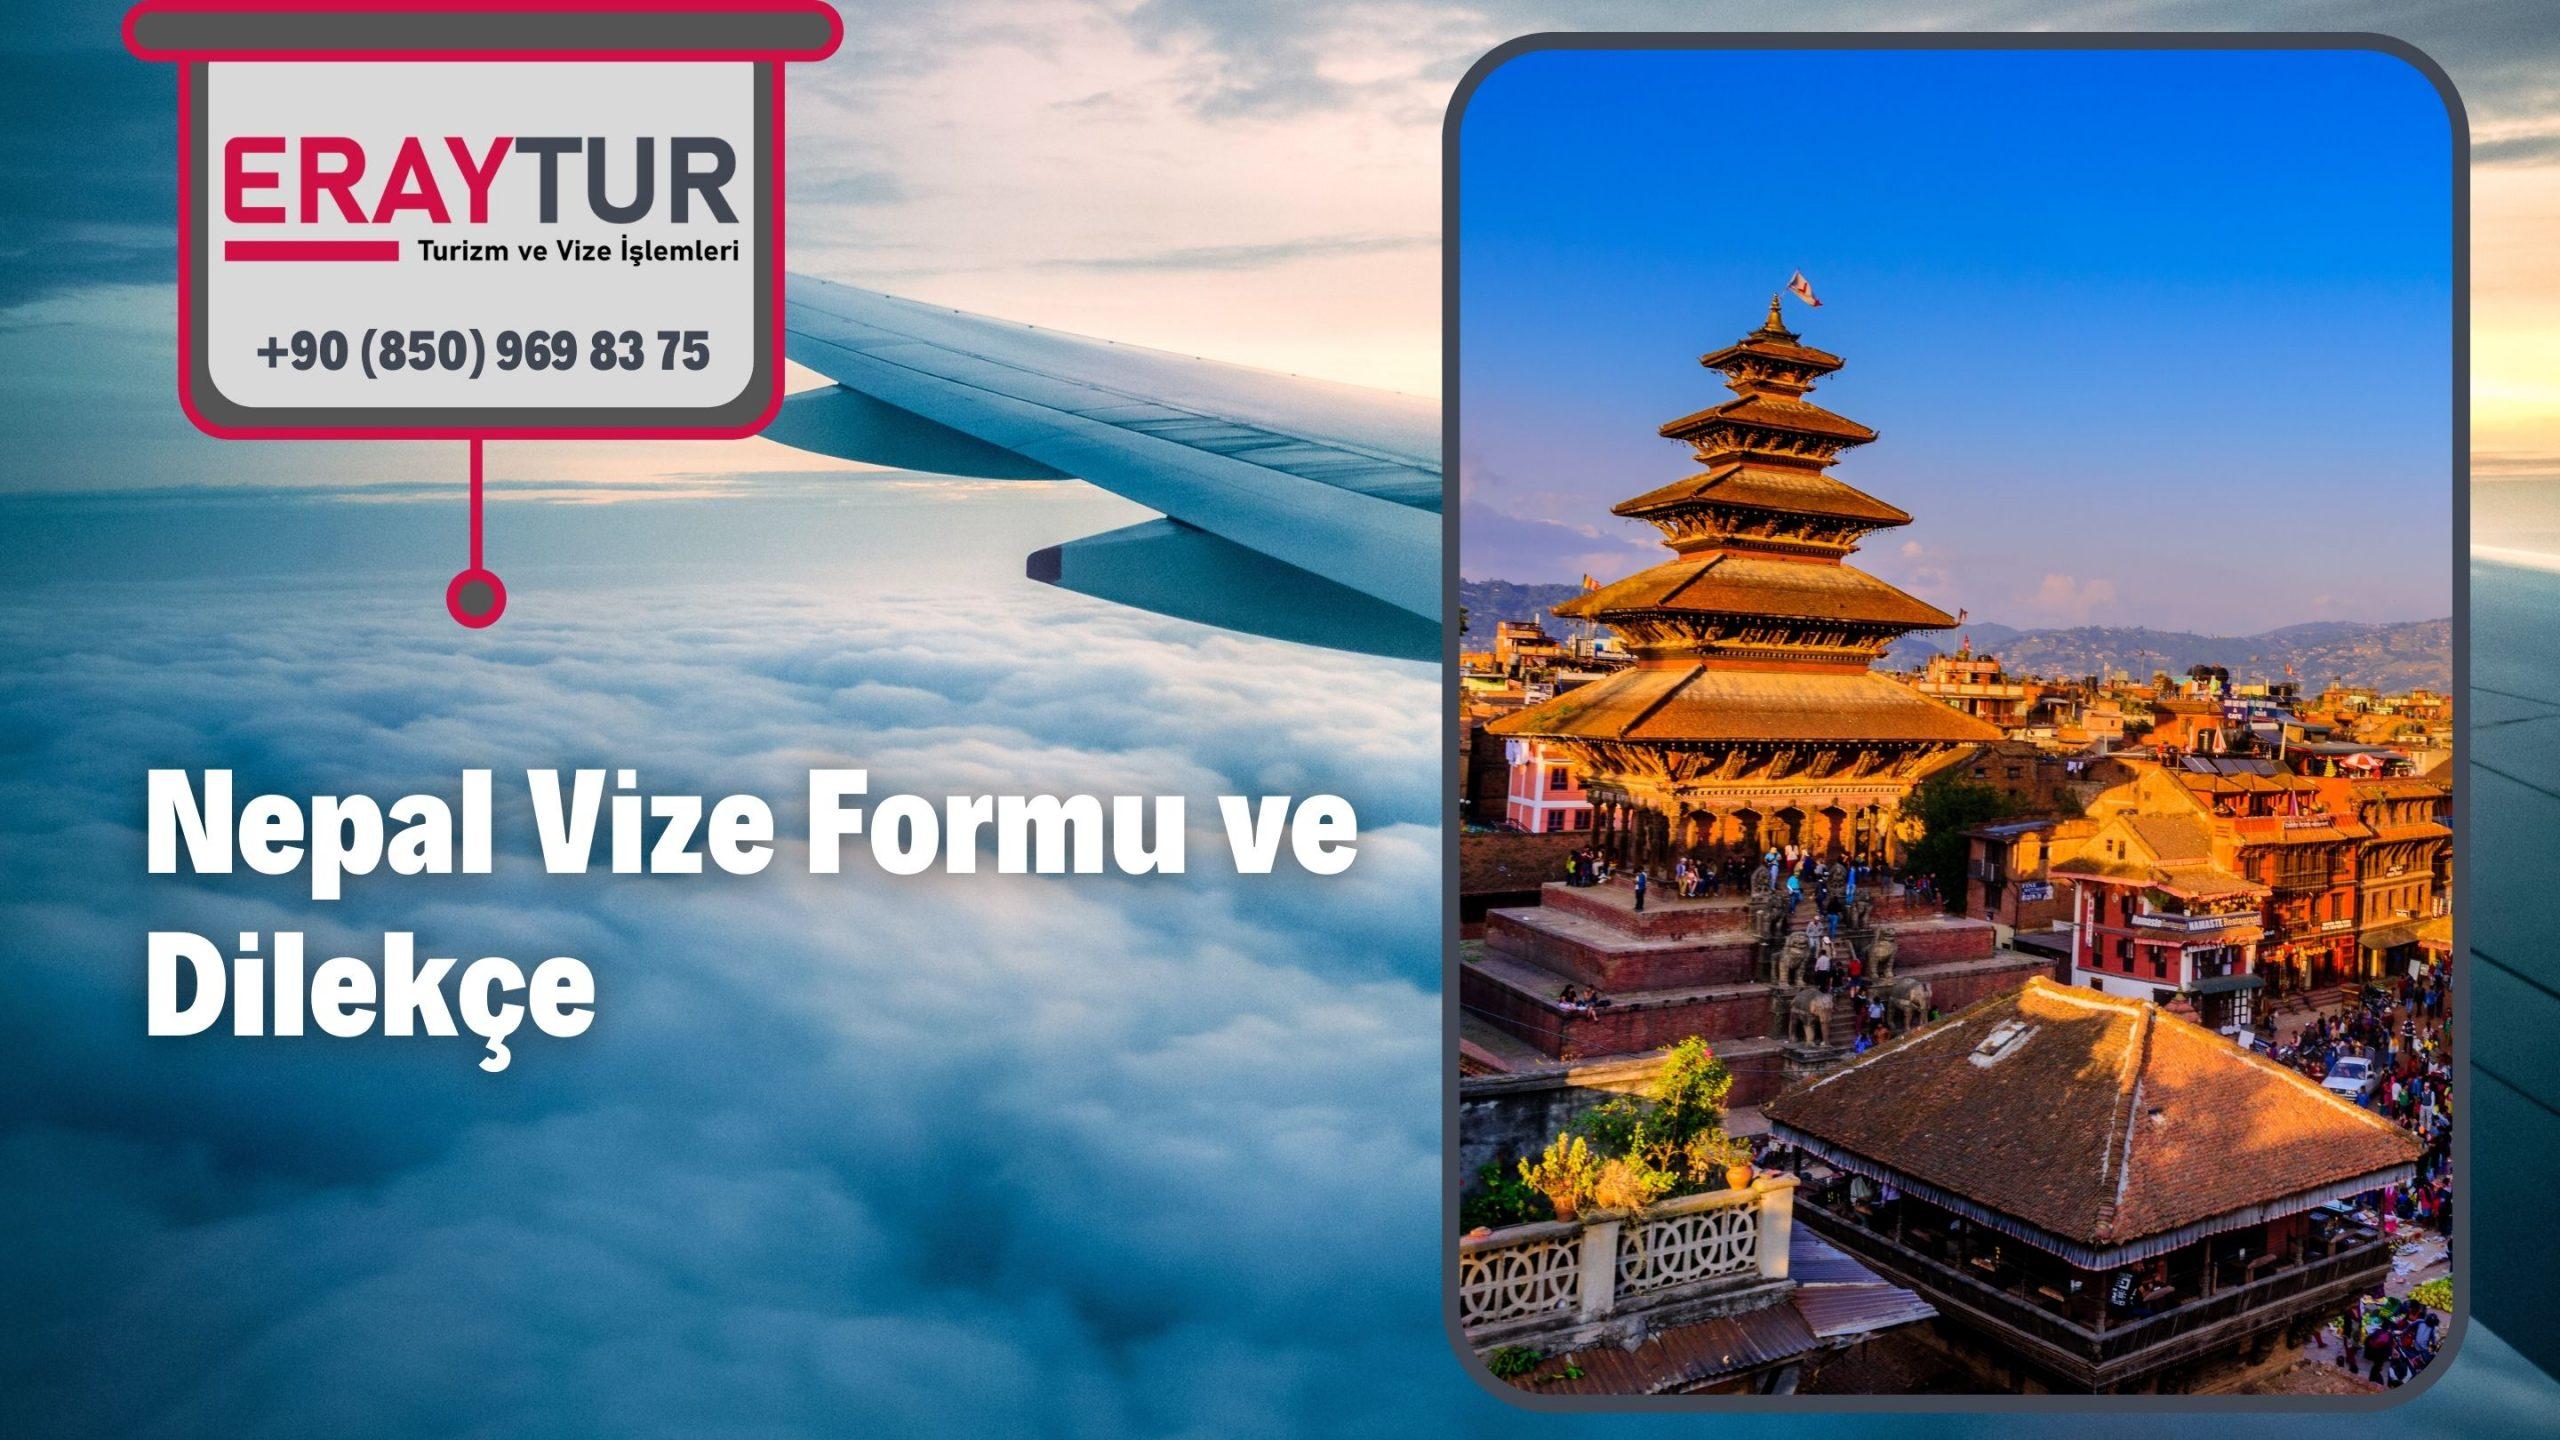 Nepal Vize Formu ve Dilekçe 1 – nepal vize formu ve dilekce 1 scaled